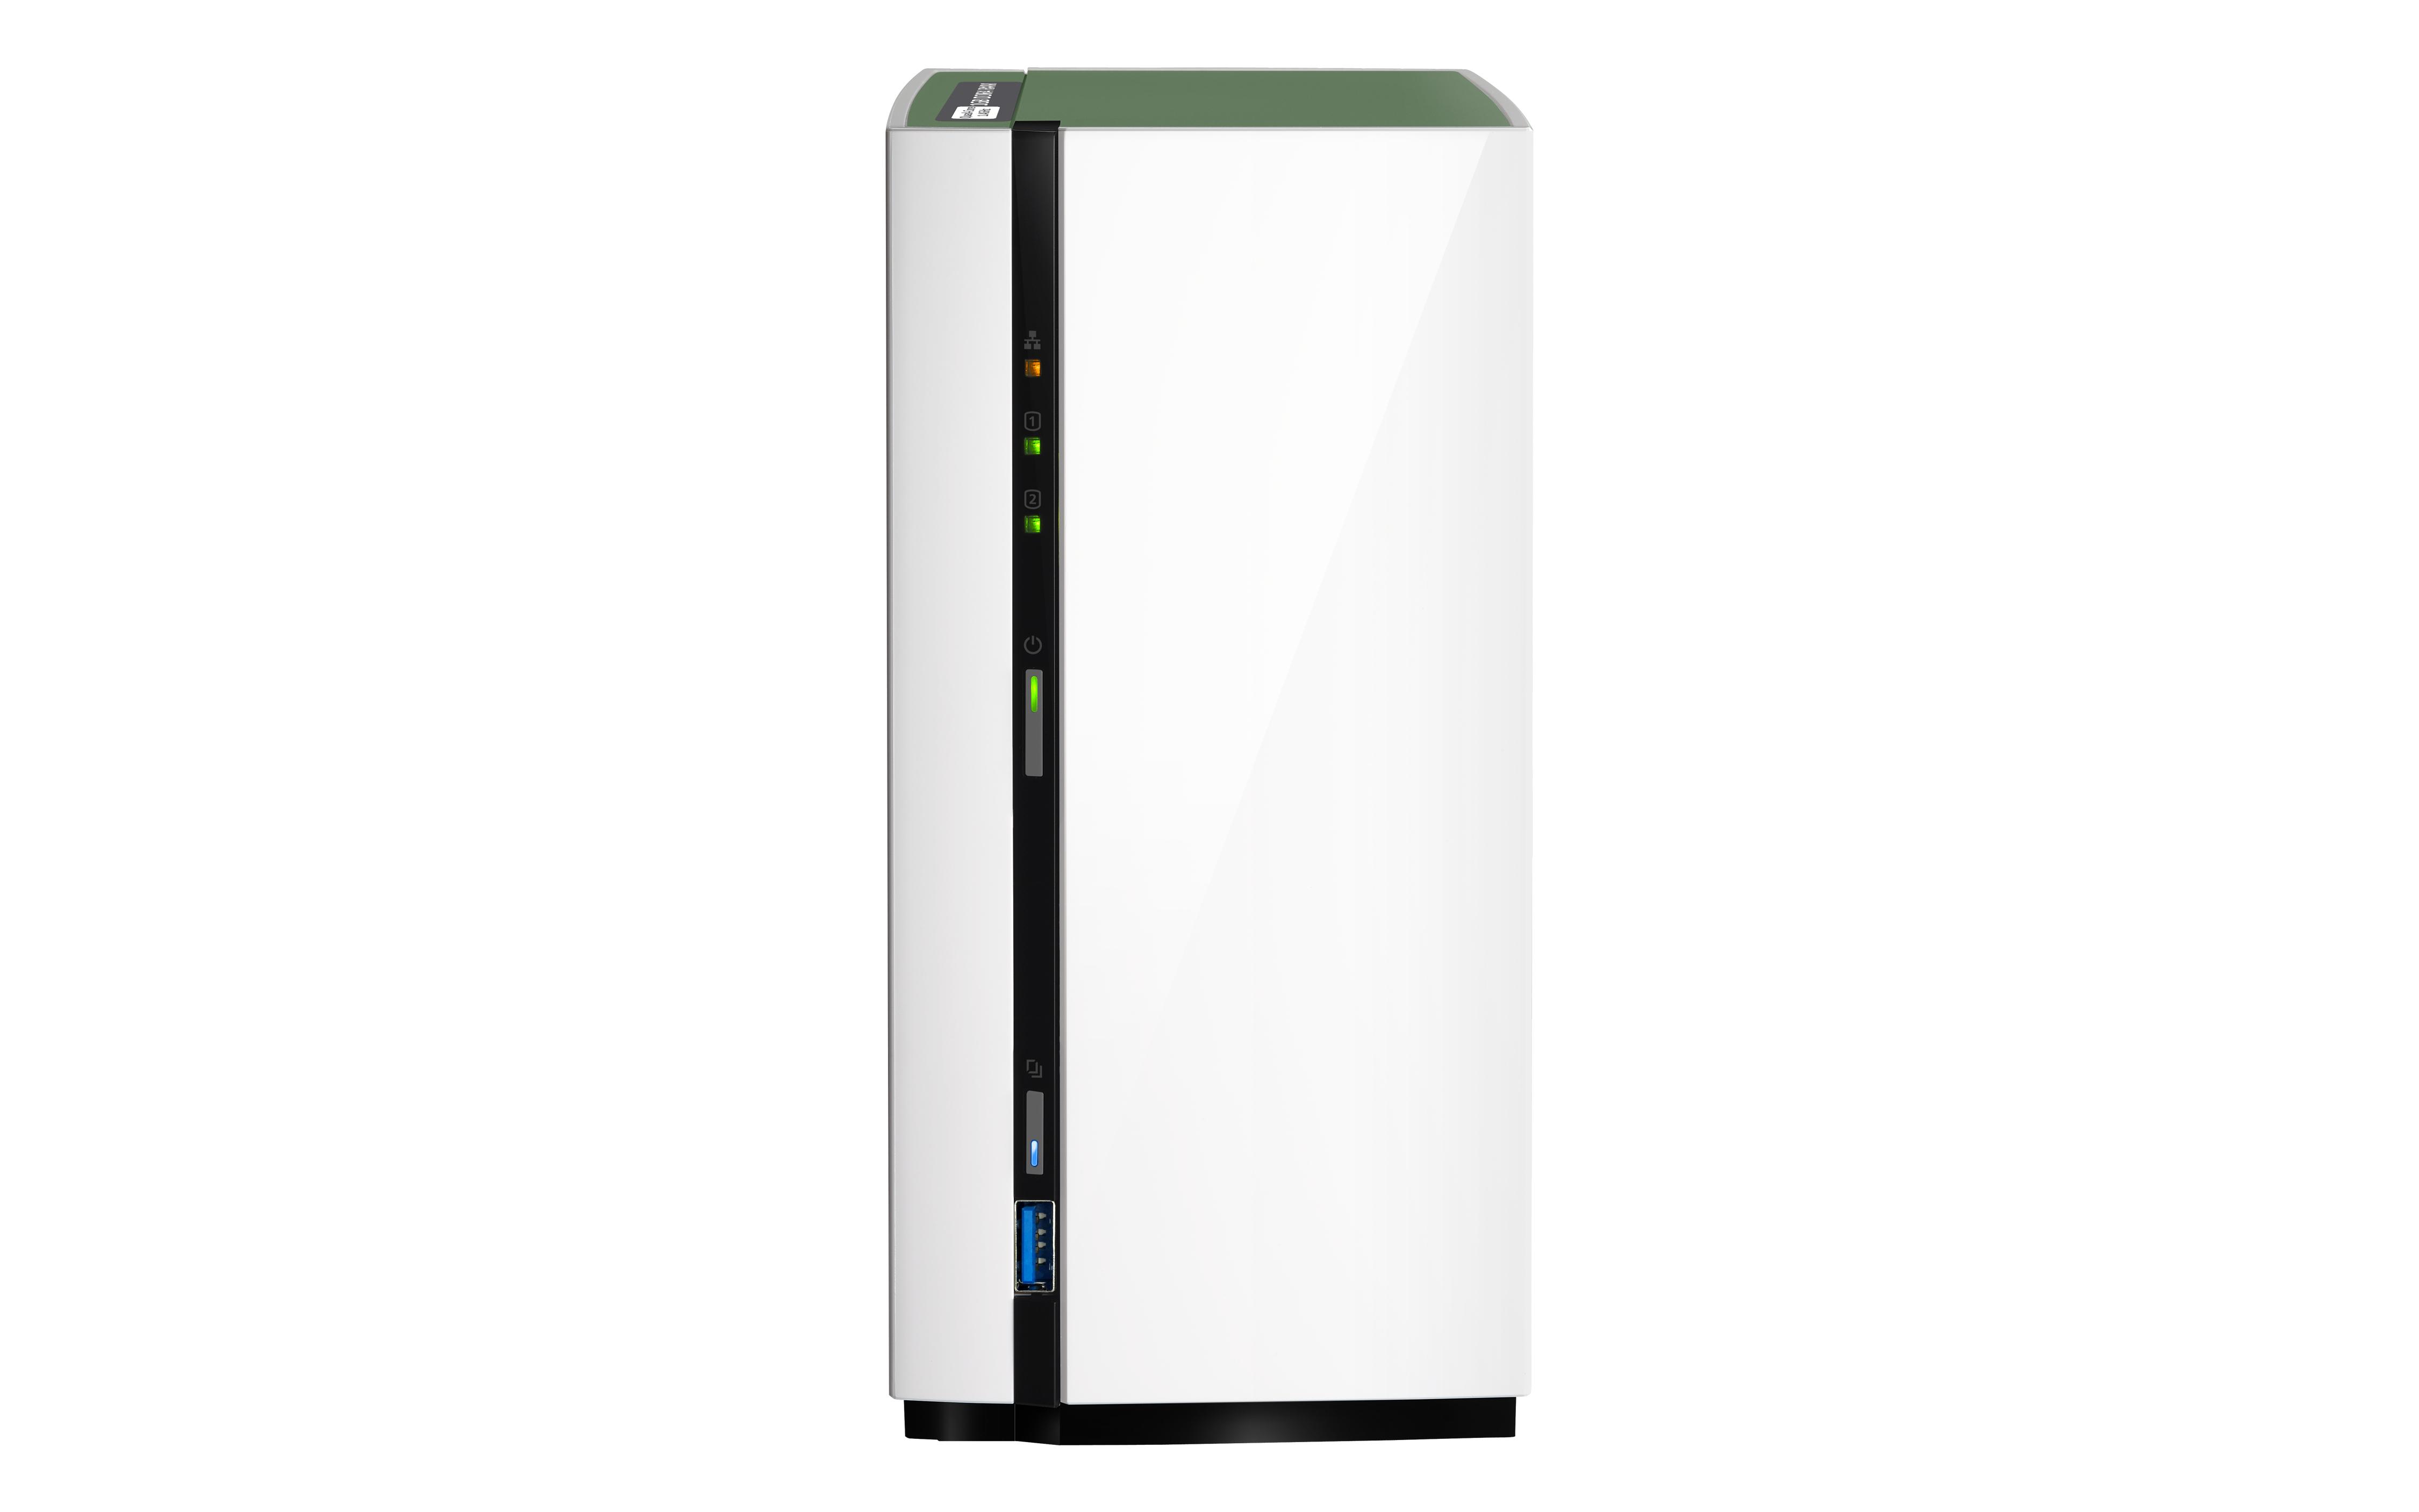 QNAP TS-228A NAS Mini Tower Collegamento ethernet LAN Bianco server NAS e di archiviazione